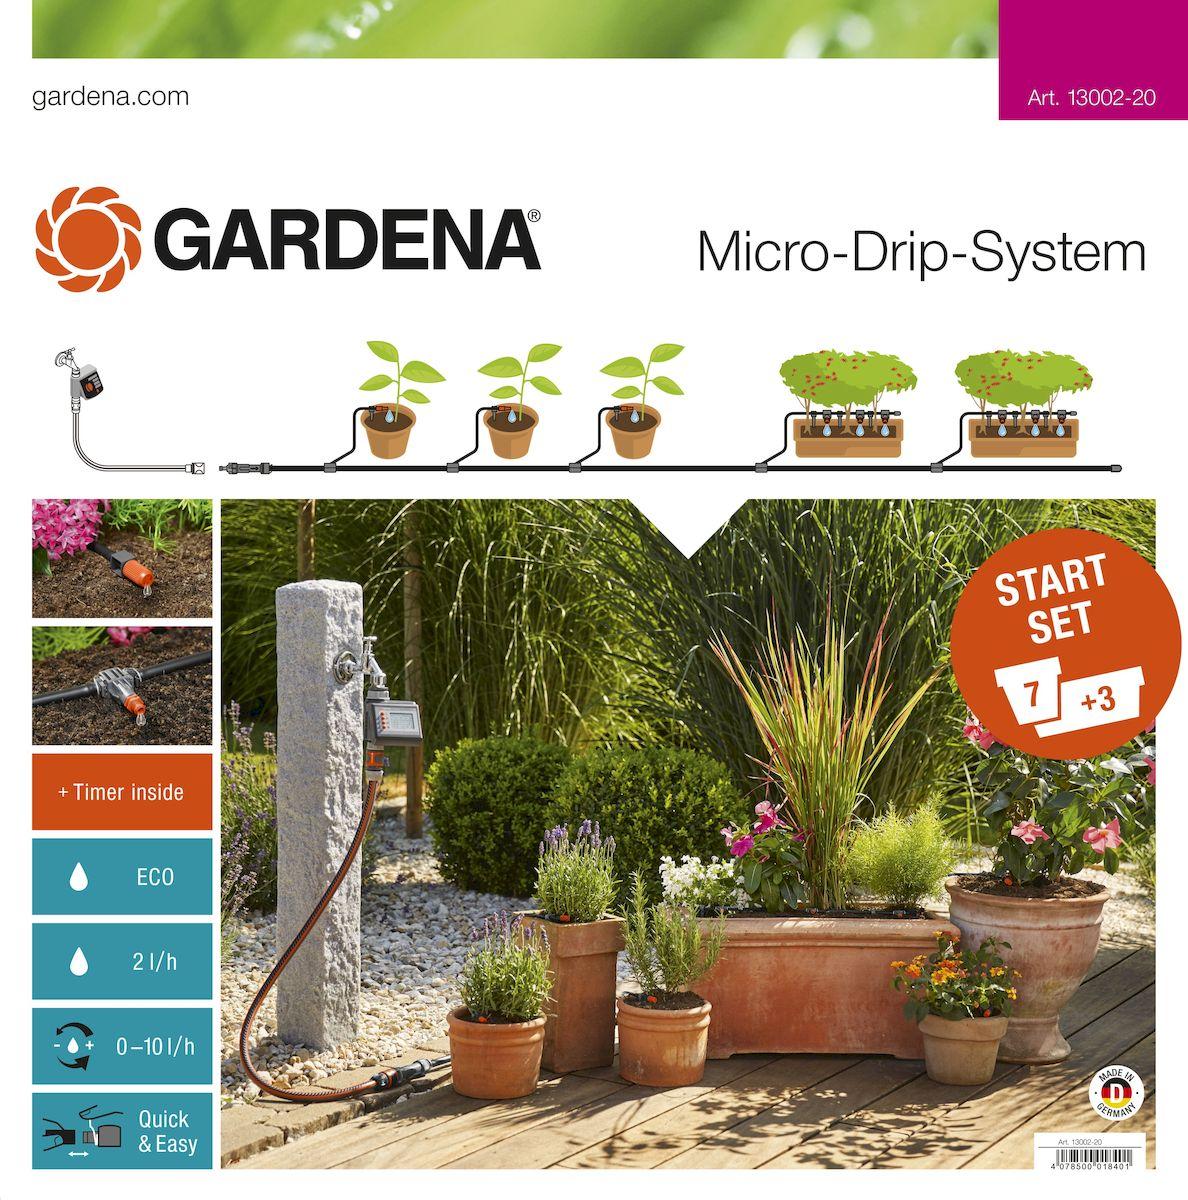 Комплект микрокапельного полива Gardena, базовый с таймеромА00319Комплект микрокапельного полива Gardena предназначен для микрокапельного полива, который может применяться в различных целях. Комплект может использоваться для 7 горшечных растений и 3 цветочных ящиков. Таймер автоматического полива EasyConrol обеспечивает полностью автоматический полив. Предусмотрена возможность включения в систему дополнительных элементов. В готовый к использованию базовый комплект входят все основные компоненты системы микрокапельного полива Micro-Drip-System, необходимые для простого полива различных растений. Комплект можно дополнять другими компонентами системы Micro-Drip-System. В комплекте: - таймер автоматического полива EasyControl; - мастер-блок 1000; - шланг магистральный 15 м; - шланг подающий 10 м; - соединитель Т-образный 13 мм (1/2);- соединитель Т-образный 10 шт; - колышки для крепления шлангов 4,6 мм (3/16), 15 шт; - колышки для крепления шлангов 13 мм (1/2), 10 шт; - регулируемая концевая капельница (10 л/ч) 7 шт; - внутренних капельниц (2 л/ч) 9 шт; - заглушка 4,6 мм (3/16), 3 шт; - заглушки 13 мм (1/2), 2шт; - игла для прочистки. Благодаря патентованной технологии быстрого соединения Quick & Easy, все элементы легко соединяются и разъединяются.